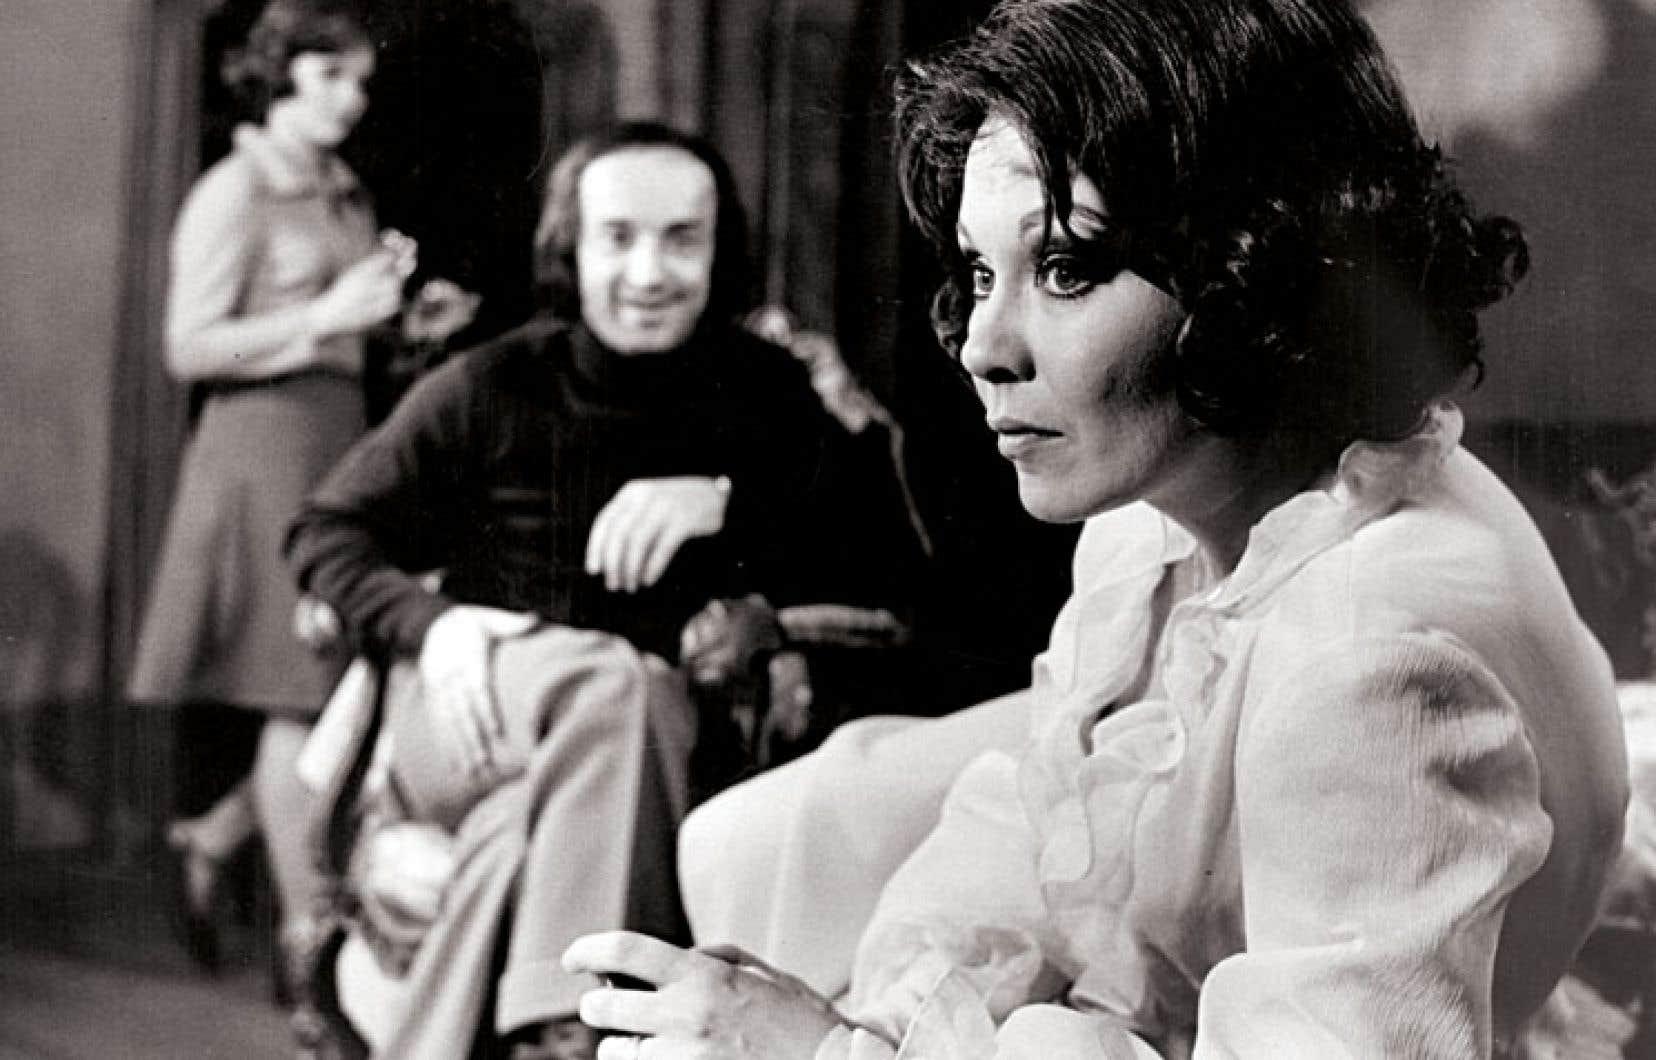 Catherine Bégin dans Teresa, une pièce de Natalia Ginzburg présentée au printemps 1974 par le Théâtre populaire du Québec.